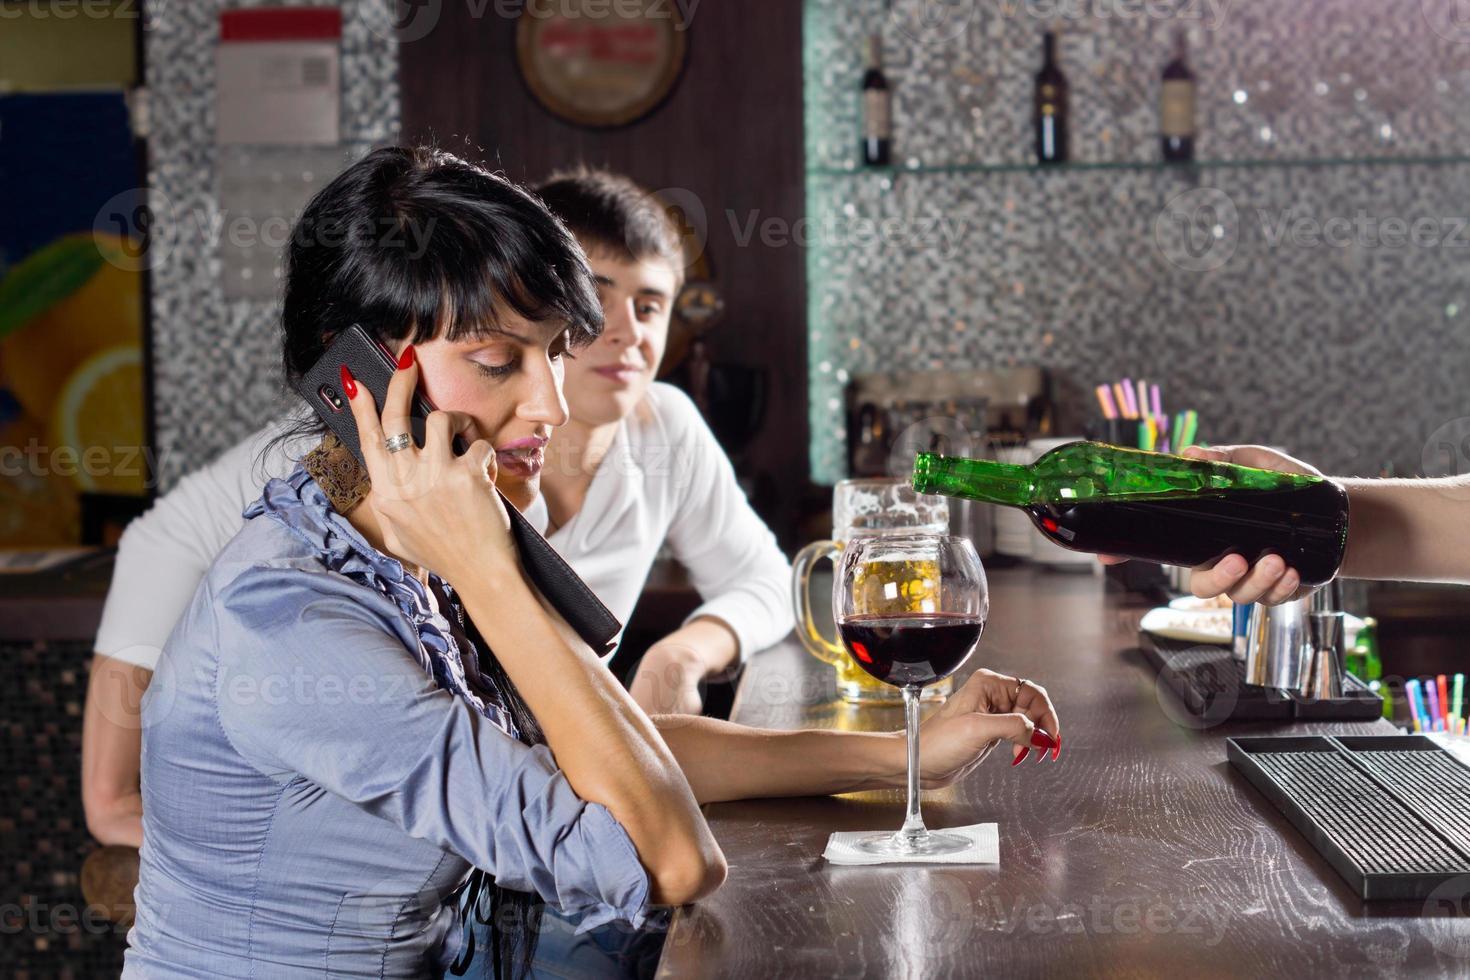 mujer chateando en su celular en el bar foto